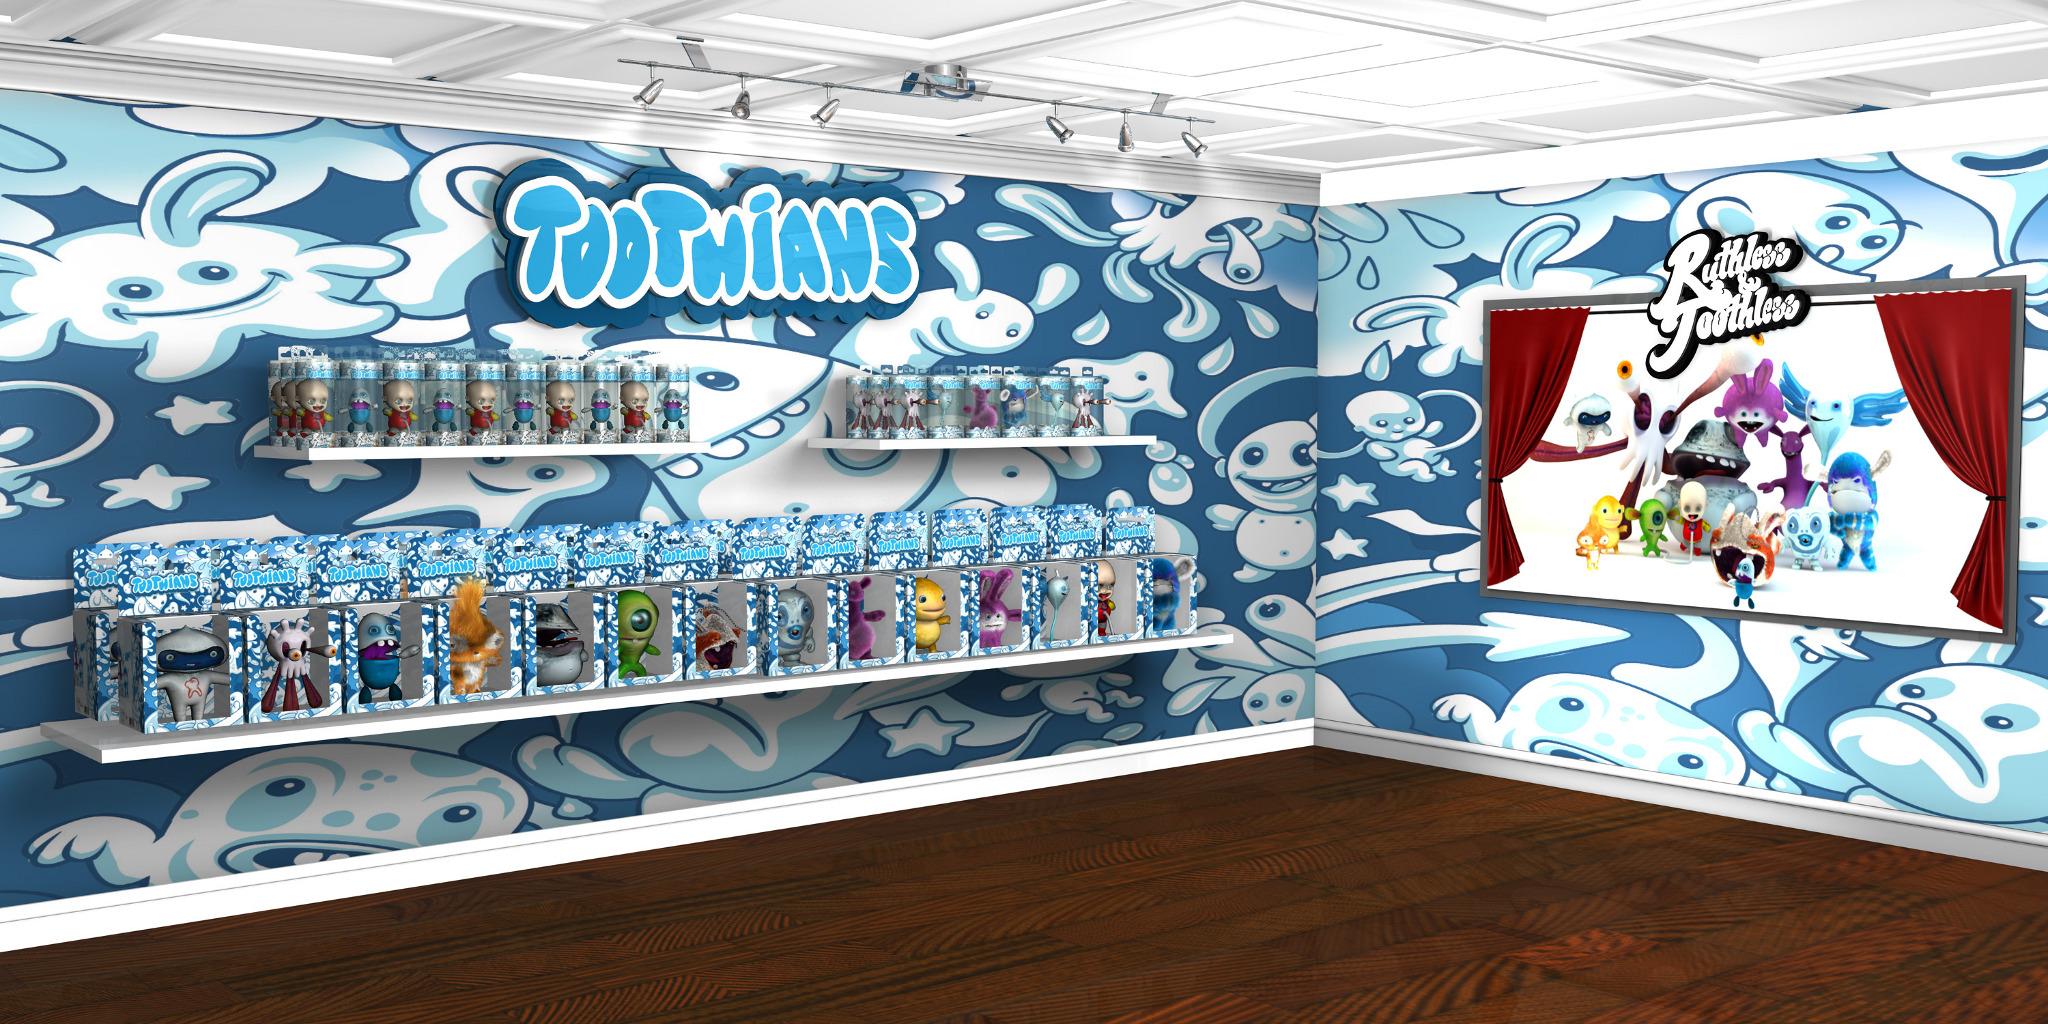 toothianmuseum_v9_o